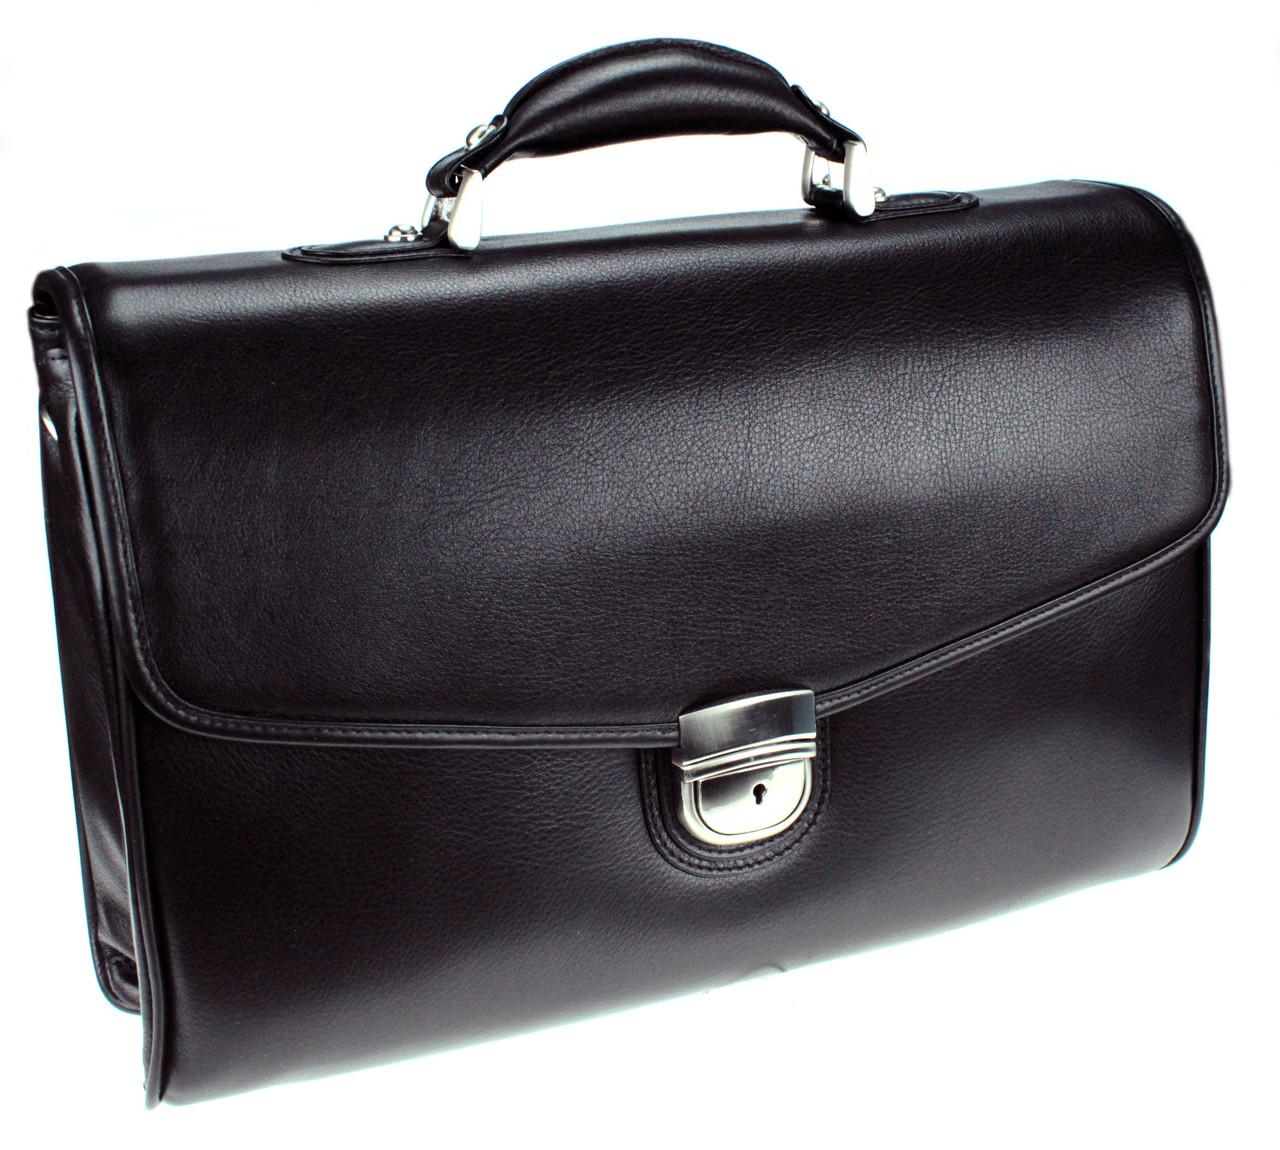 Мужской портфель Eminsa 7031-12-1 кожаный черный